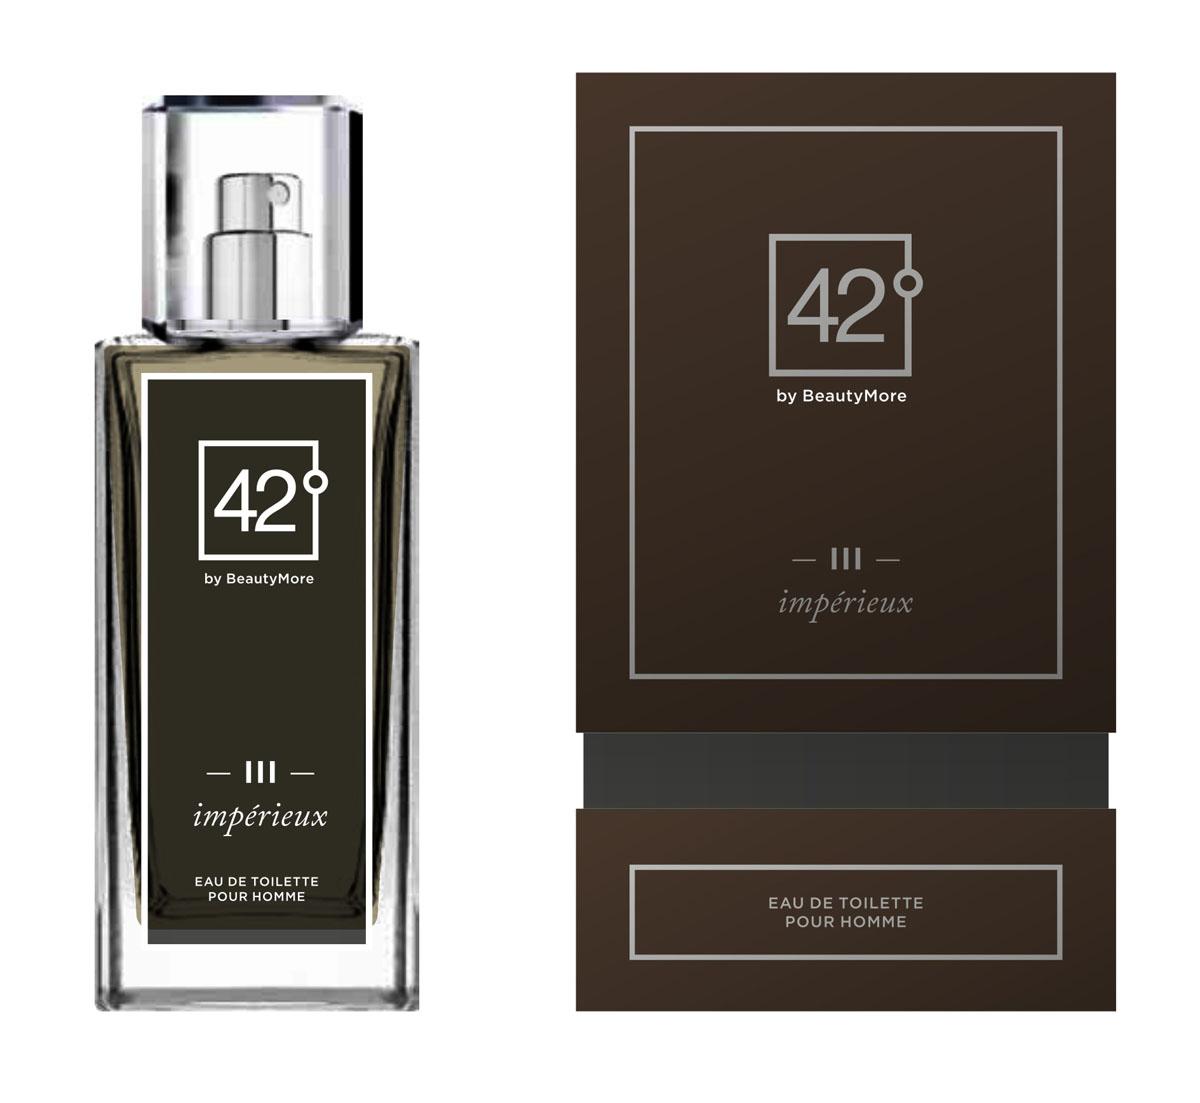 Fragrance 42 Туалетная вода для мужчин III Imperieux 100 мл42-96156Импери - аромат созданный для настоящих,решительных, мужчин,уверенных в себе и смело покоряющих любые цели. Этот аромат станет завершающей ноткой в вашем неотразимом образе. Верхняя нота- мята,мандарин,нота сердца - роза,корица, кардамон, базовые ноты - пачули,янтарь,натуральная кожа.